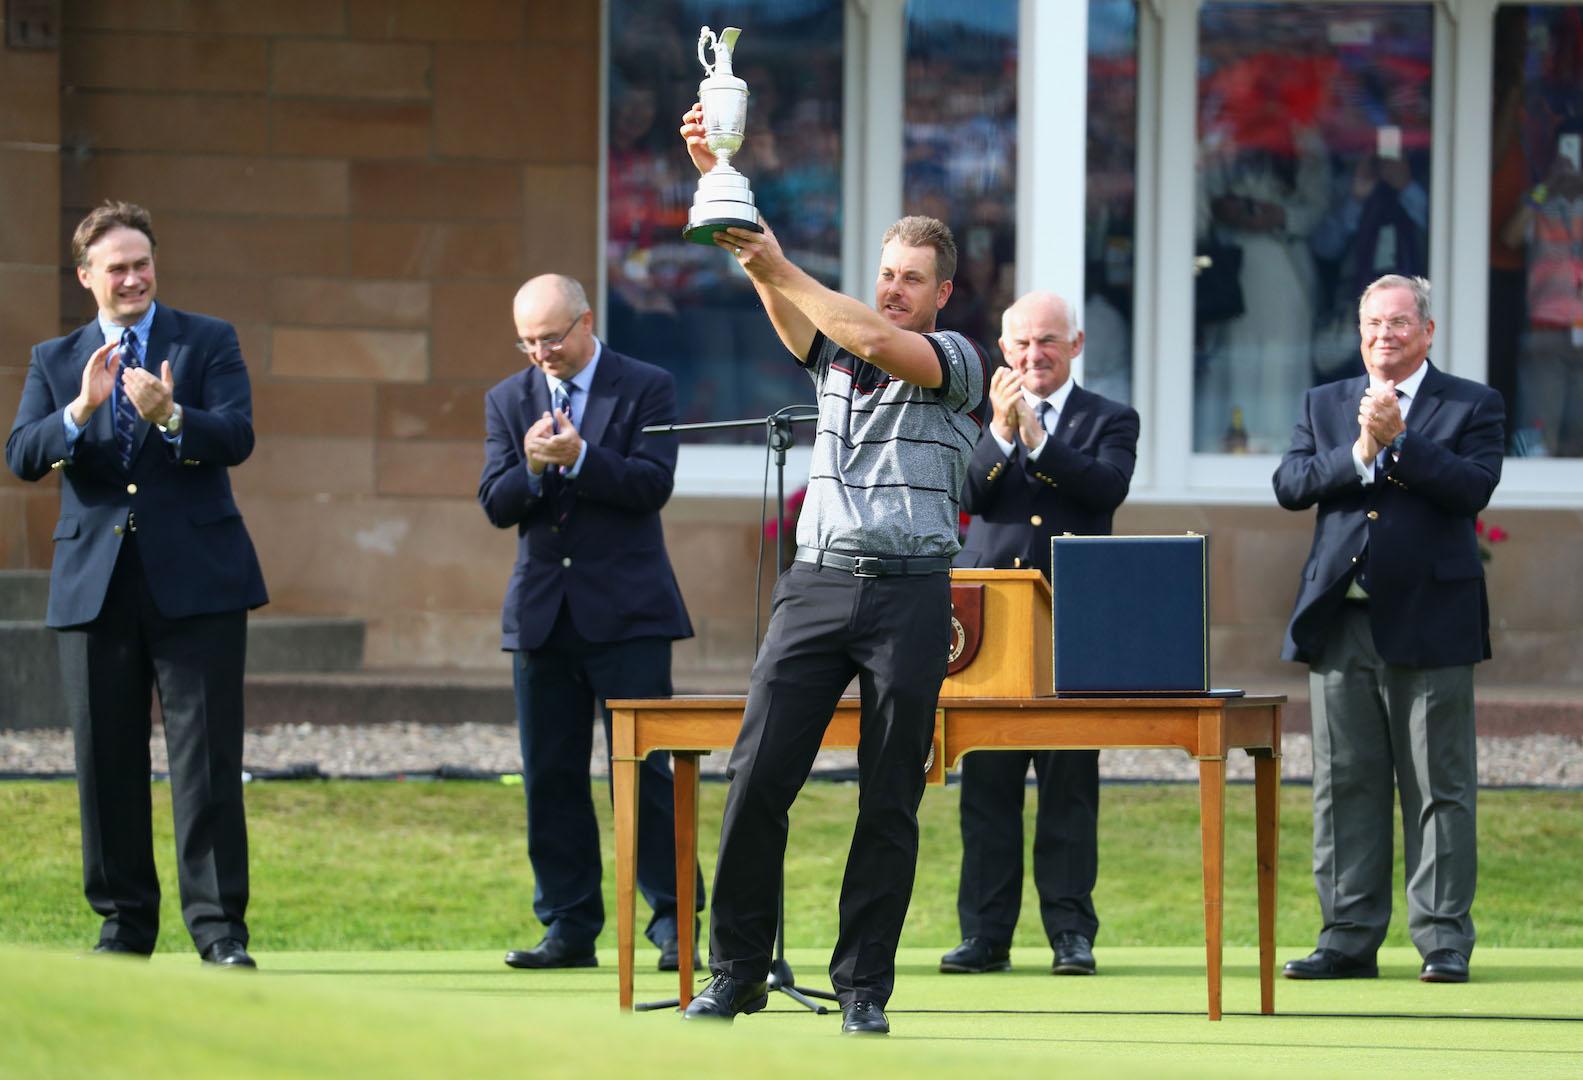 henrik stenson wins the open